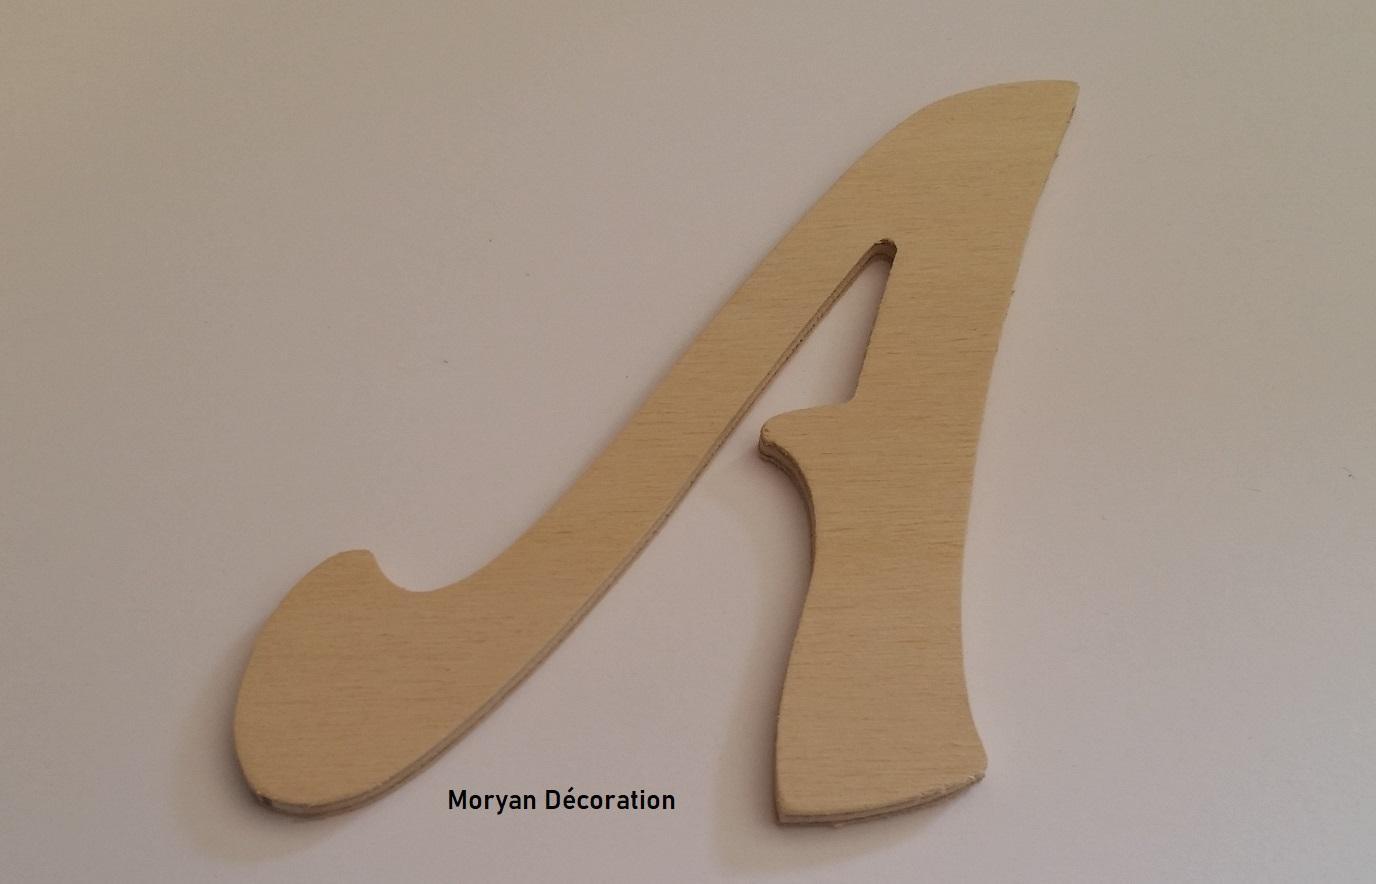 Lettre en bois decorative a peindre felipe